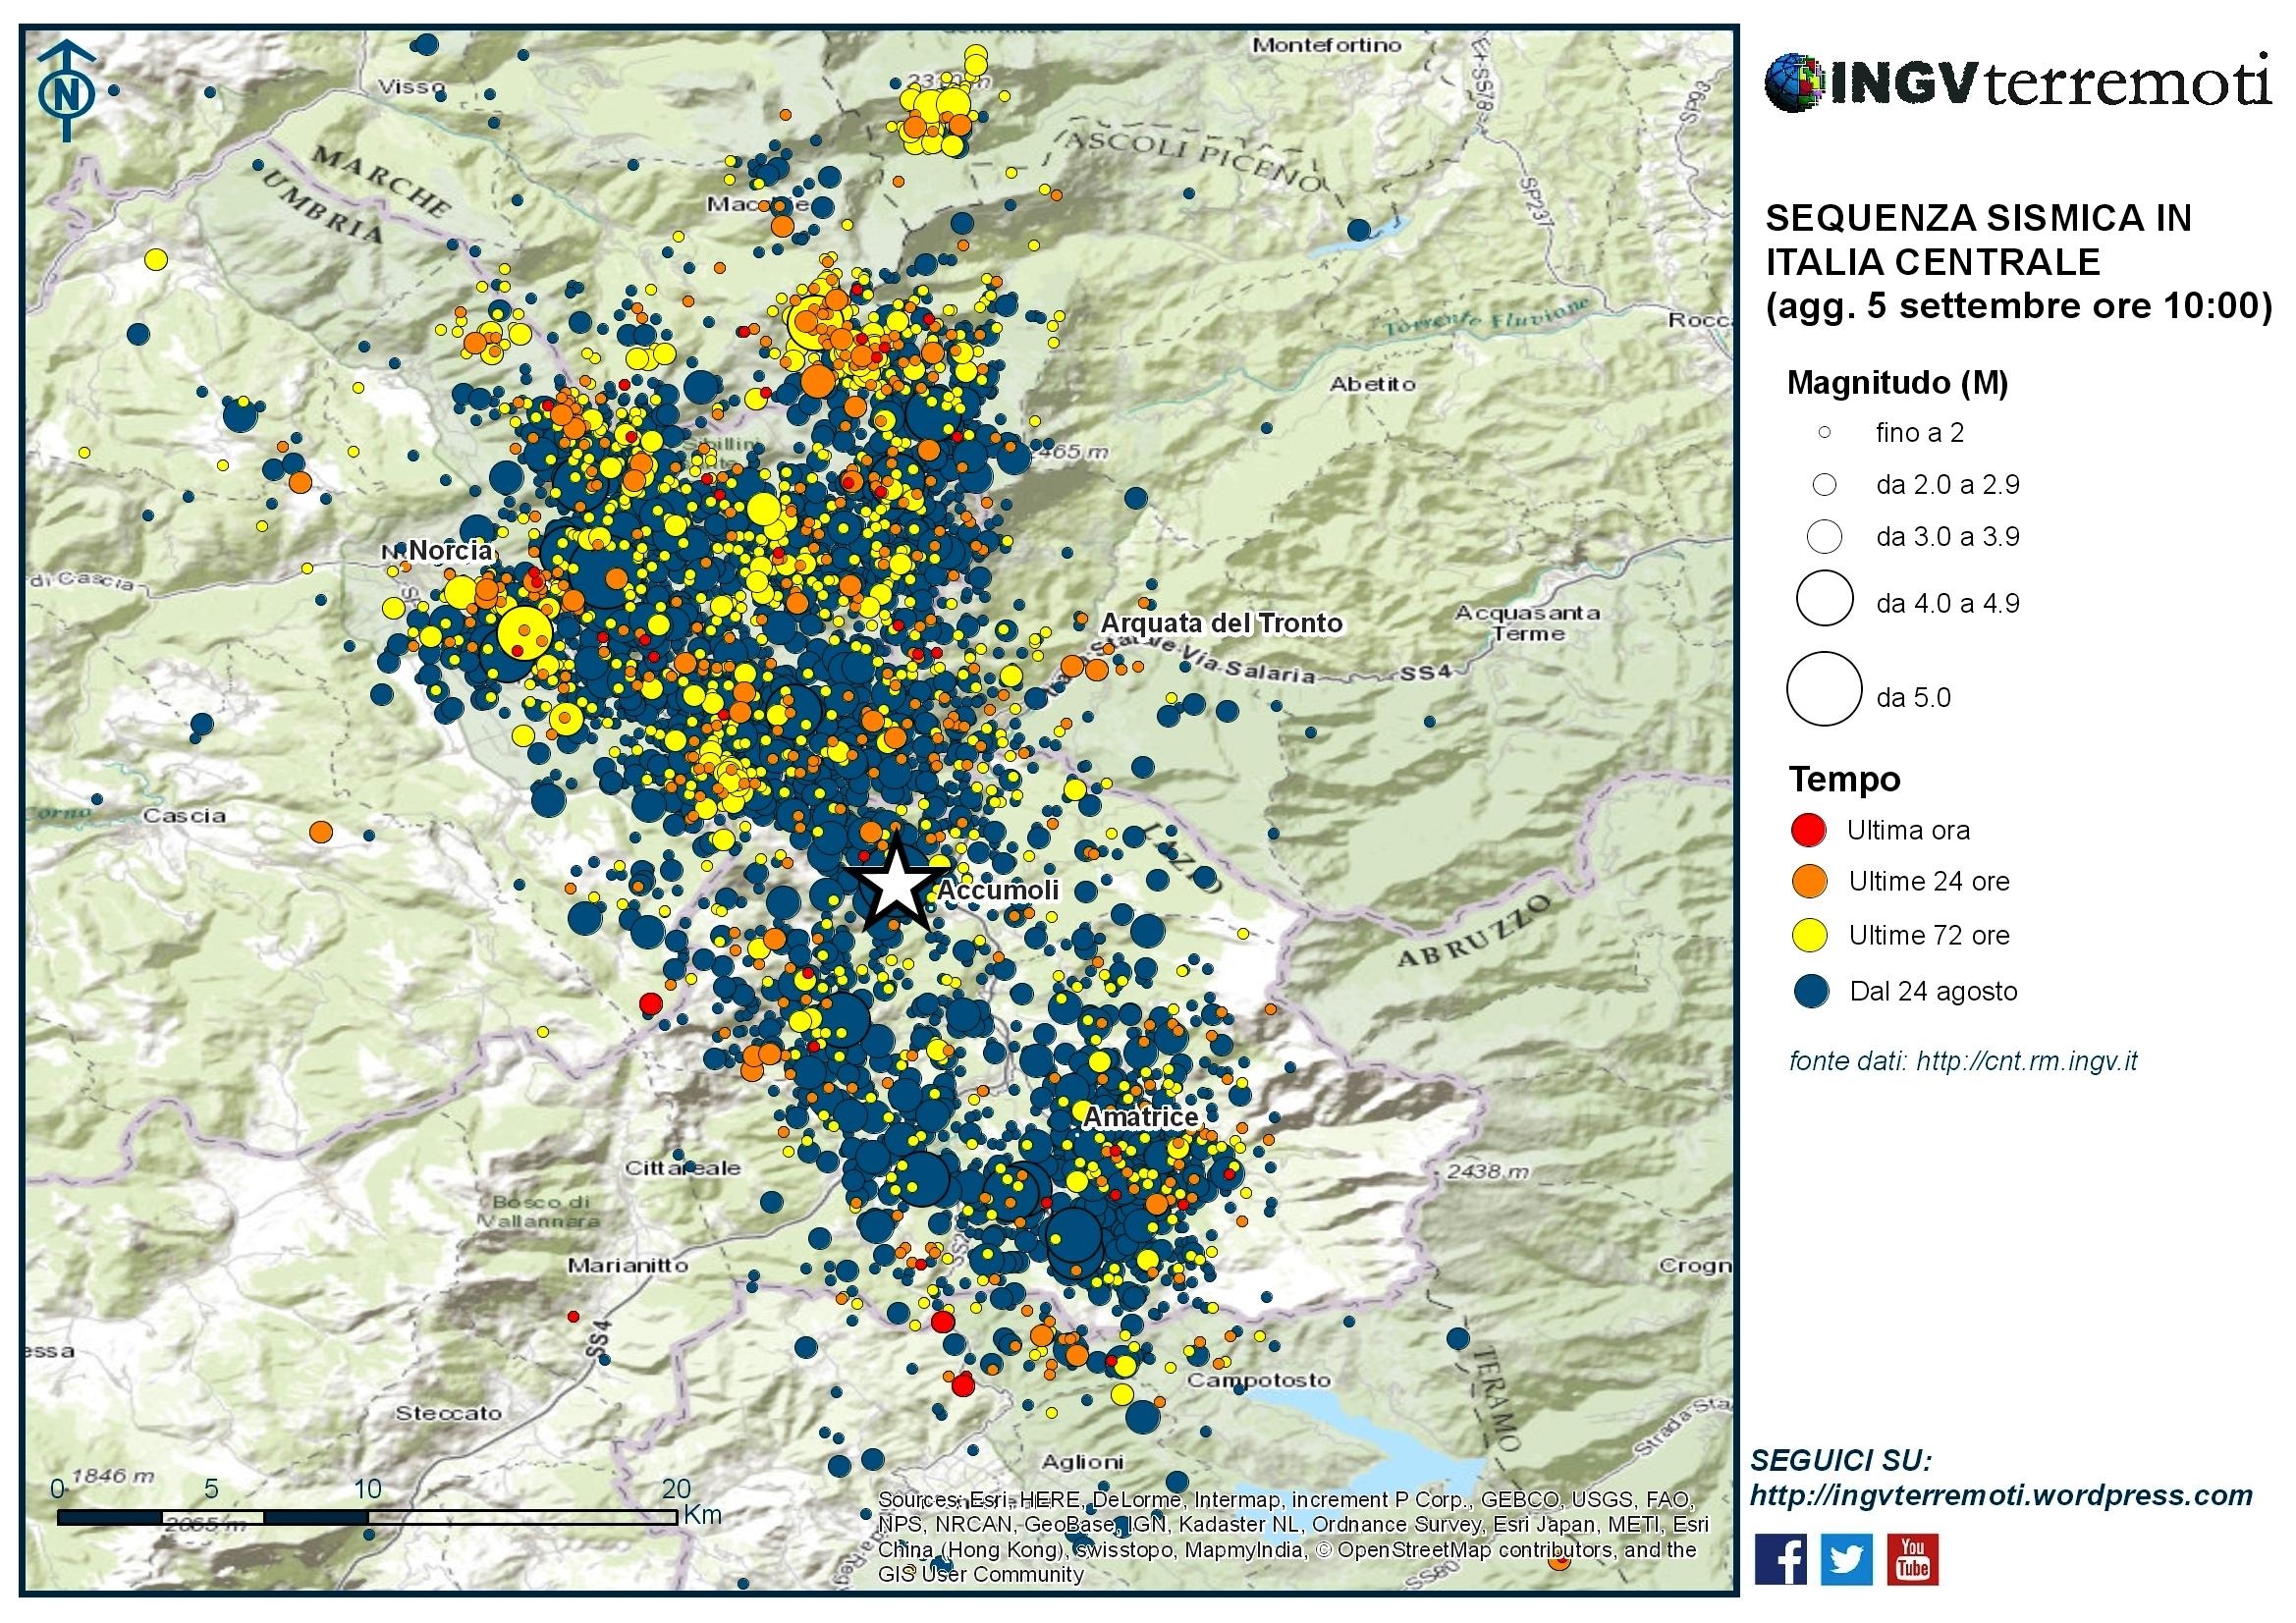 Sequenza sismica in Italia centrale: aggiornamento 5 settembre, ore 10:00